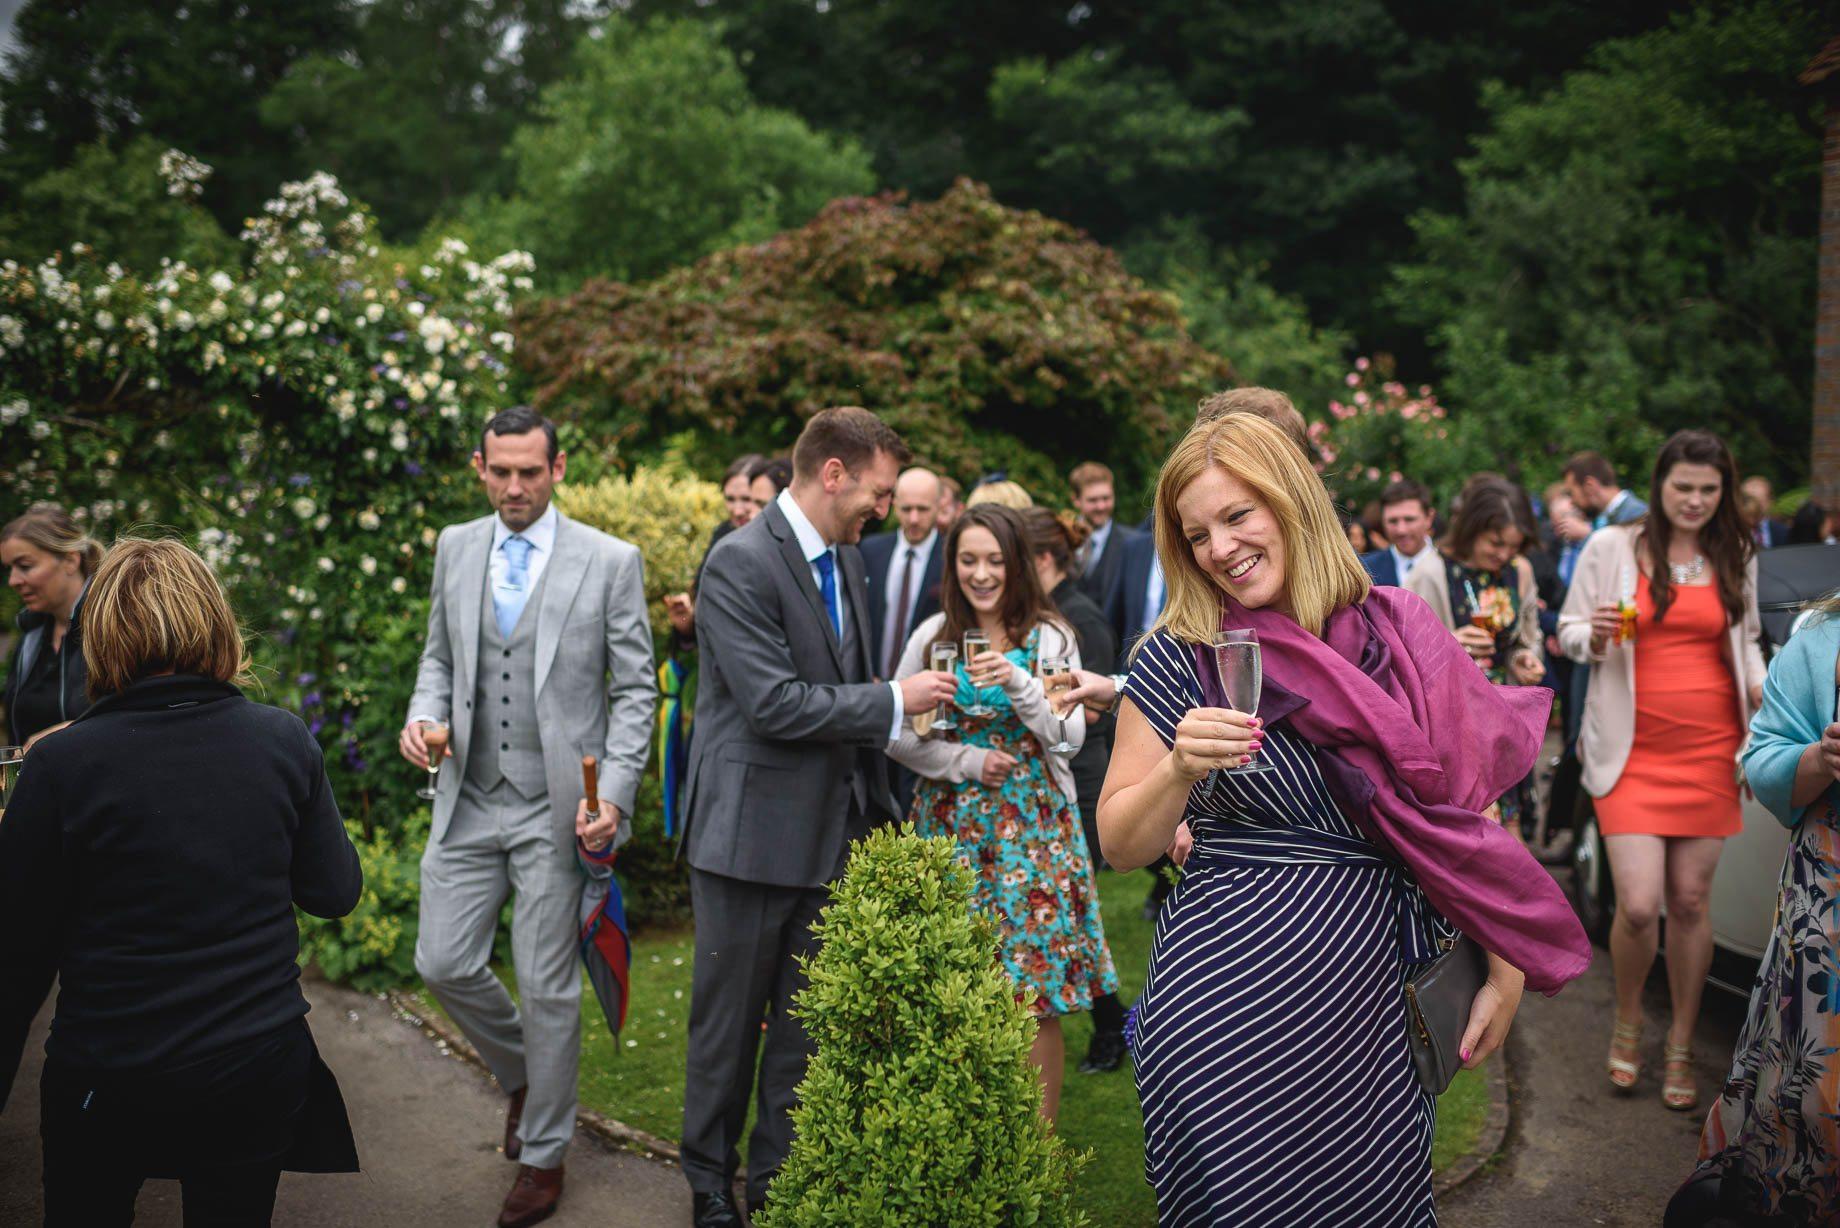 Bartholomew Barns wedding photography - Louise and Spencer (56 of 151)